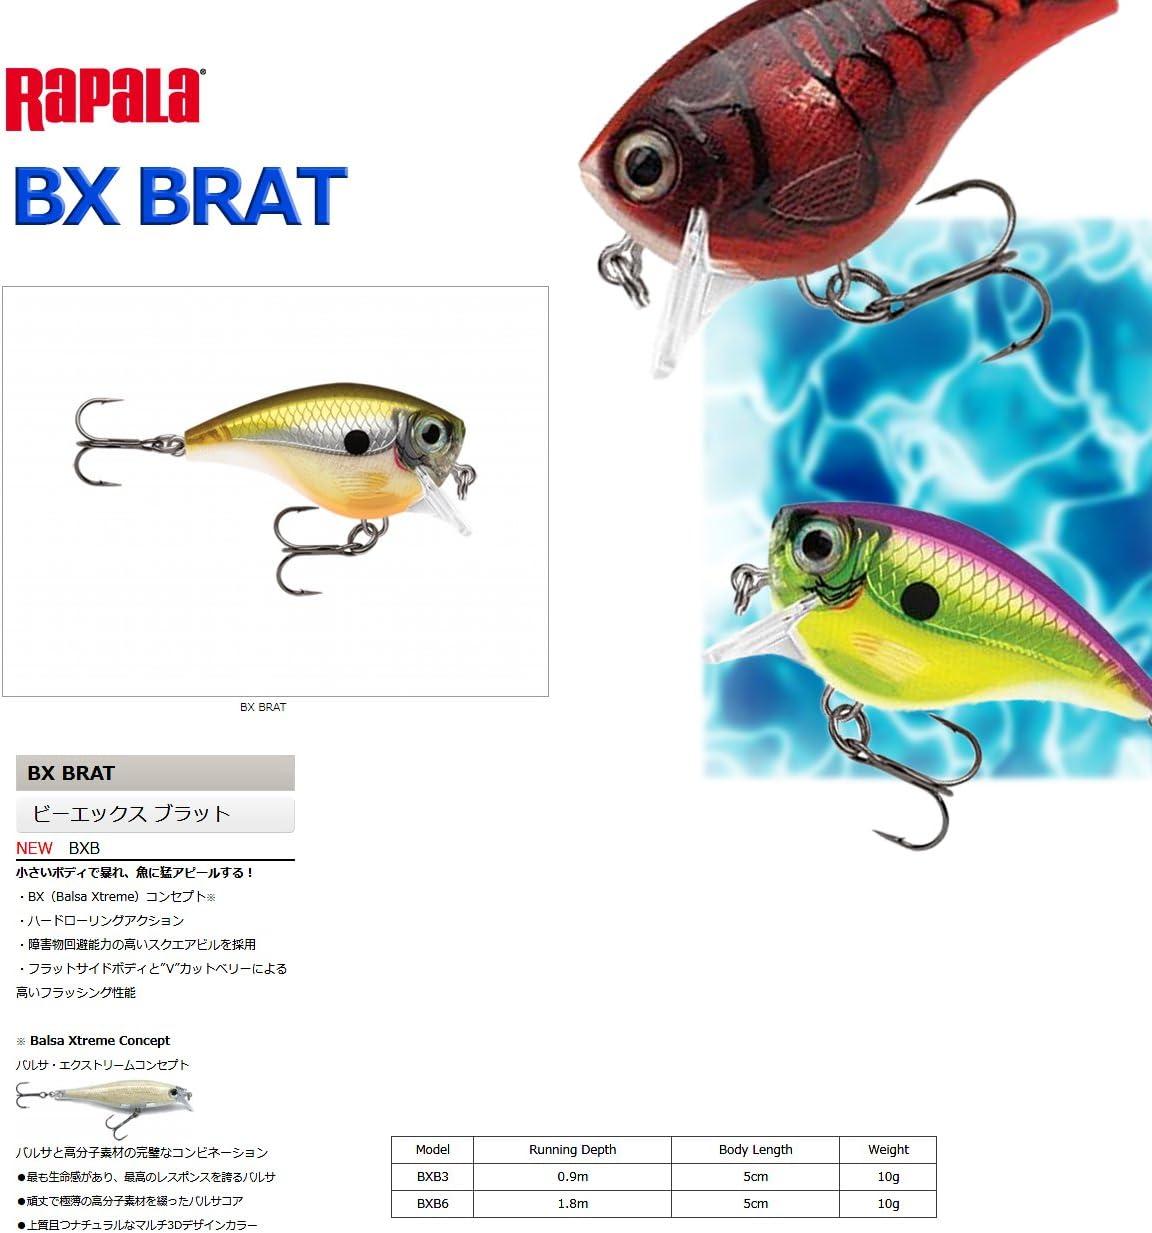 Details about  / RAPALA 03 BX BRAT SQUARE BILL CRANKBAIT